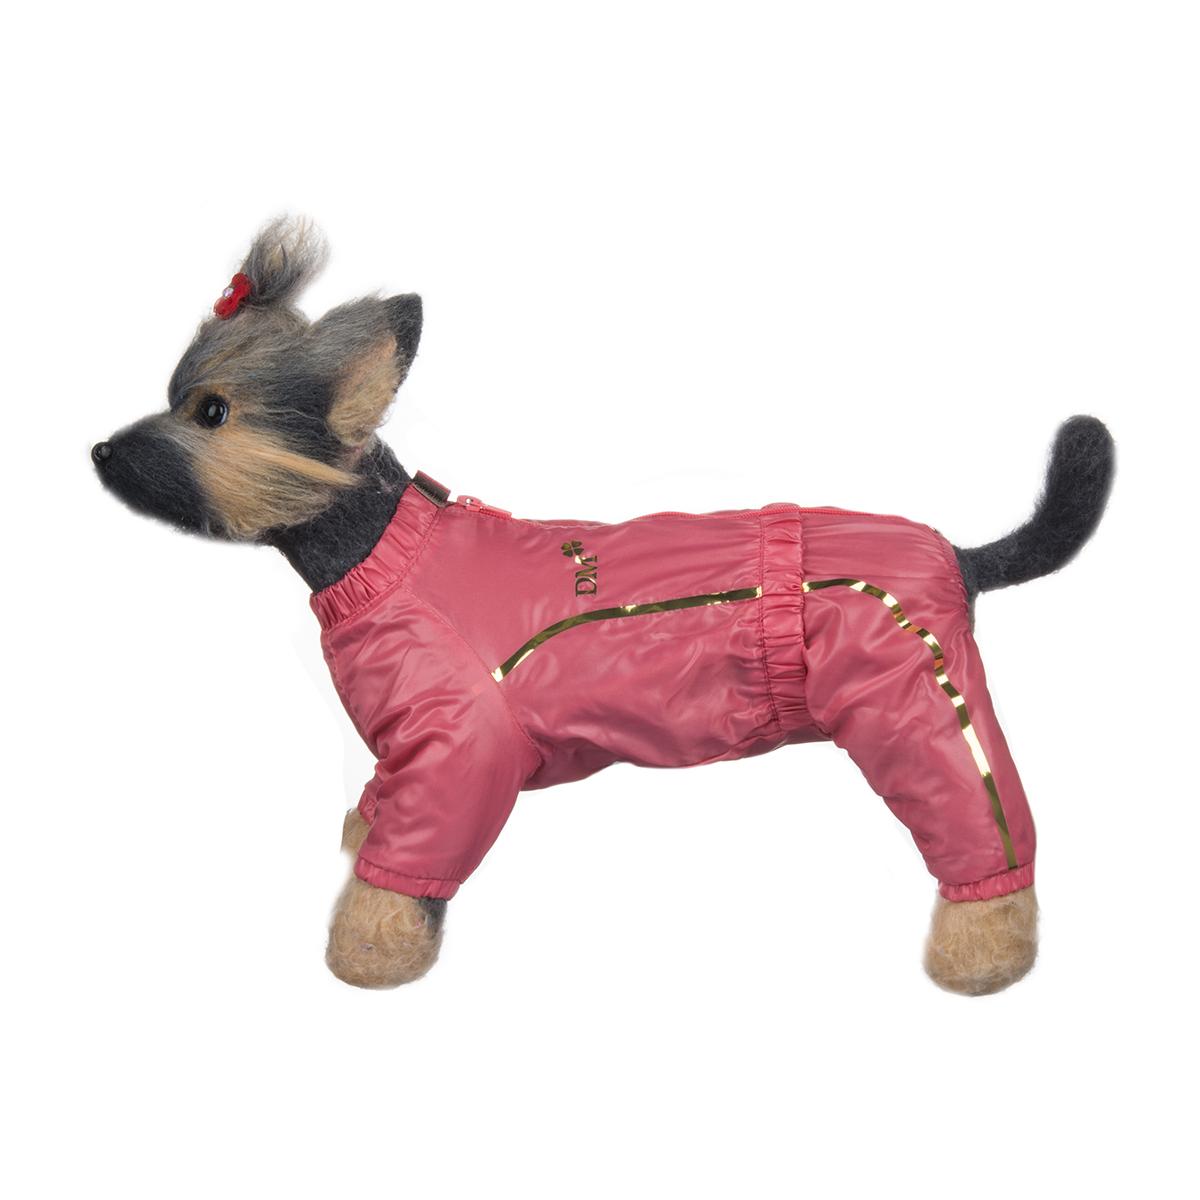 Комбинезон для собак Dogmoda Альпы, для девочки, цвет: коралловый. Размер 1 (S)DM-150326-1Комбинезон для собак Dogmoda Альпы отлично подойдет для прогулок поздней осенью или ранней весной. Комбинезон изготовлен из полиэстера, защищающего от ветра и осадков, с подкладкой из флиса, которая сохранит тепло и обеспечит отличный воздухообмен. Комбинезон застегивается на молнию и липучку, благодаря чему его легко надевать и снимать. Ворот, низ рукавов и брючин оснащены внутренними резинками, которые мягко обхватывают шею и лапки, не позволяя просачиваться холодному воздуху. На пояснице имеется внутренняя резинка. Изделие декорировано золотистыми полосками и надписью DM.Благодаря такому комбинезону простуда не грозит вашему питомцу и он не даст любимцу продрогнуть на прогулке.Одежда для собак: нужна ли она и как её выбрать. Статья OZON Гид